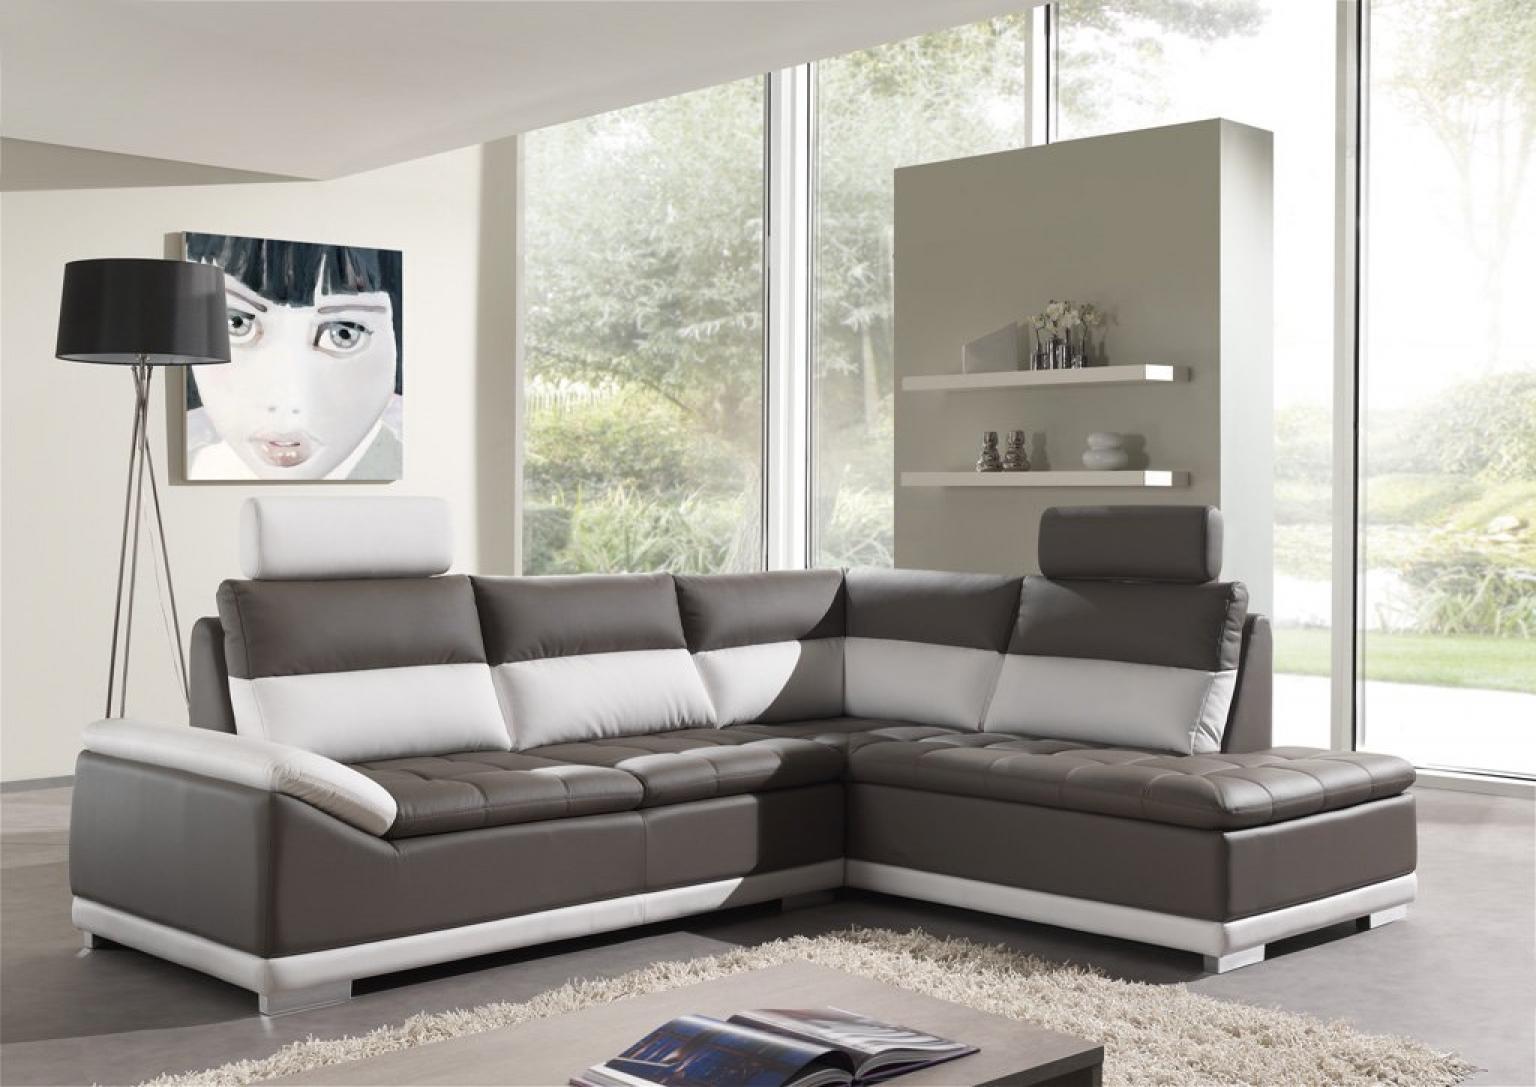 full canape d angle cuir gris et blanc 1 Résultat Supérieur 49 Superbe Canape Cuir Gris Blanc Galerie 2017 Kse4